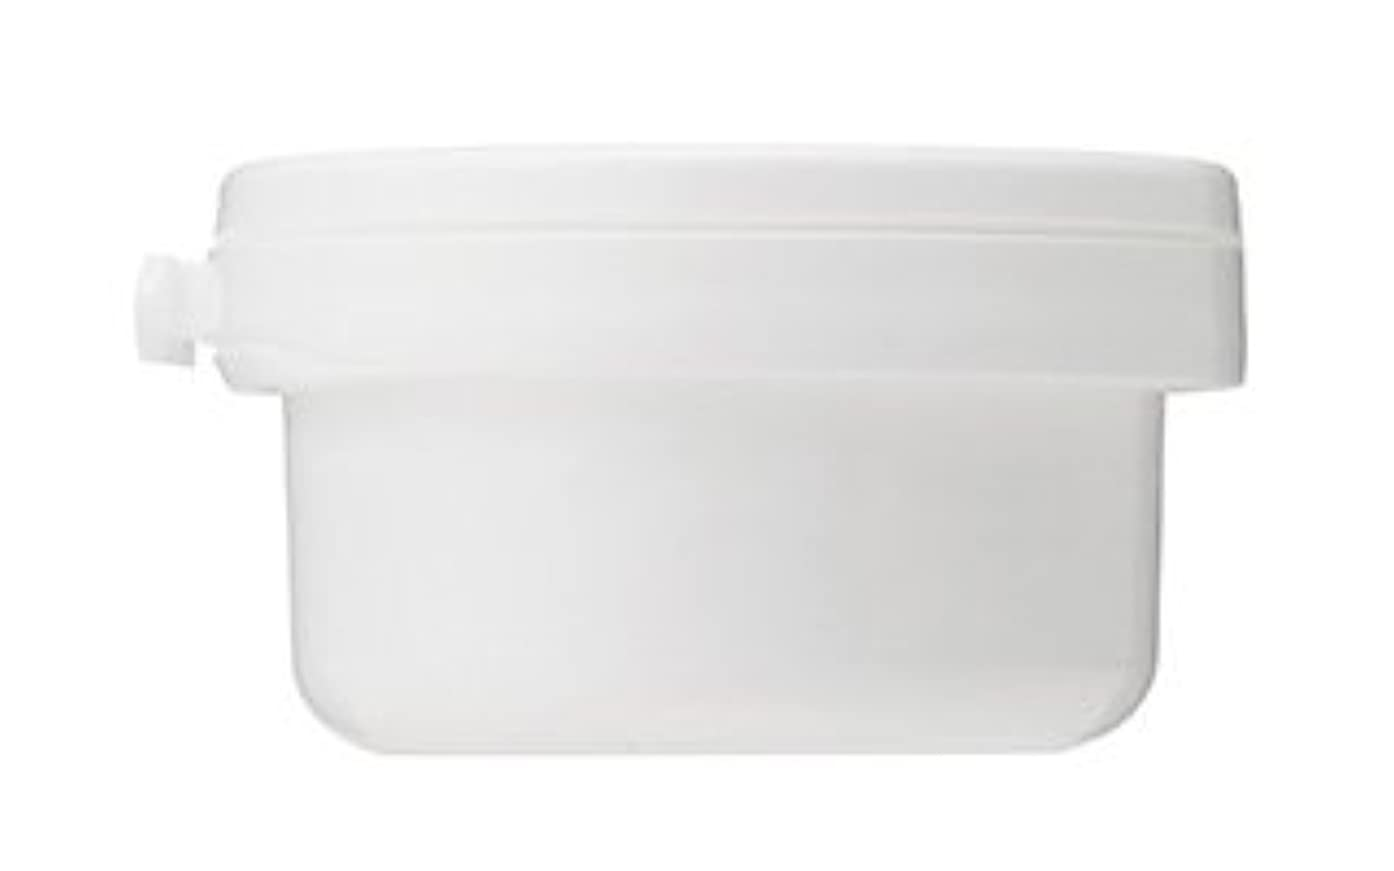 インド溶接連合インナップEX 保湿クリーム詰め替え用 (潤い効果アップ) モイスチャークリーム MD レフィル [弱酸性]